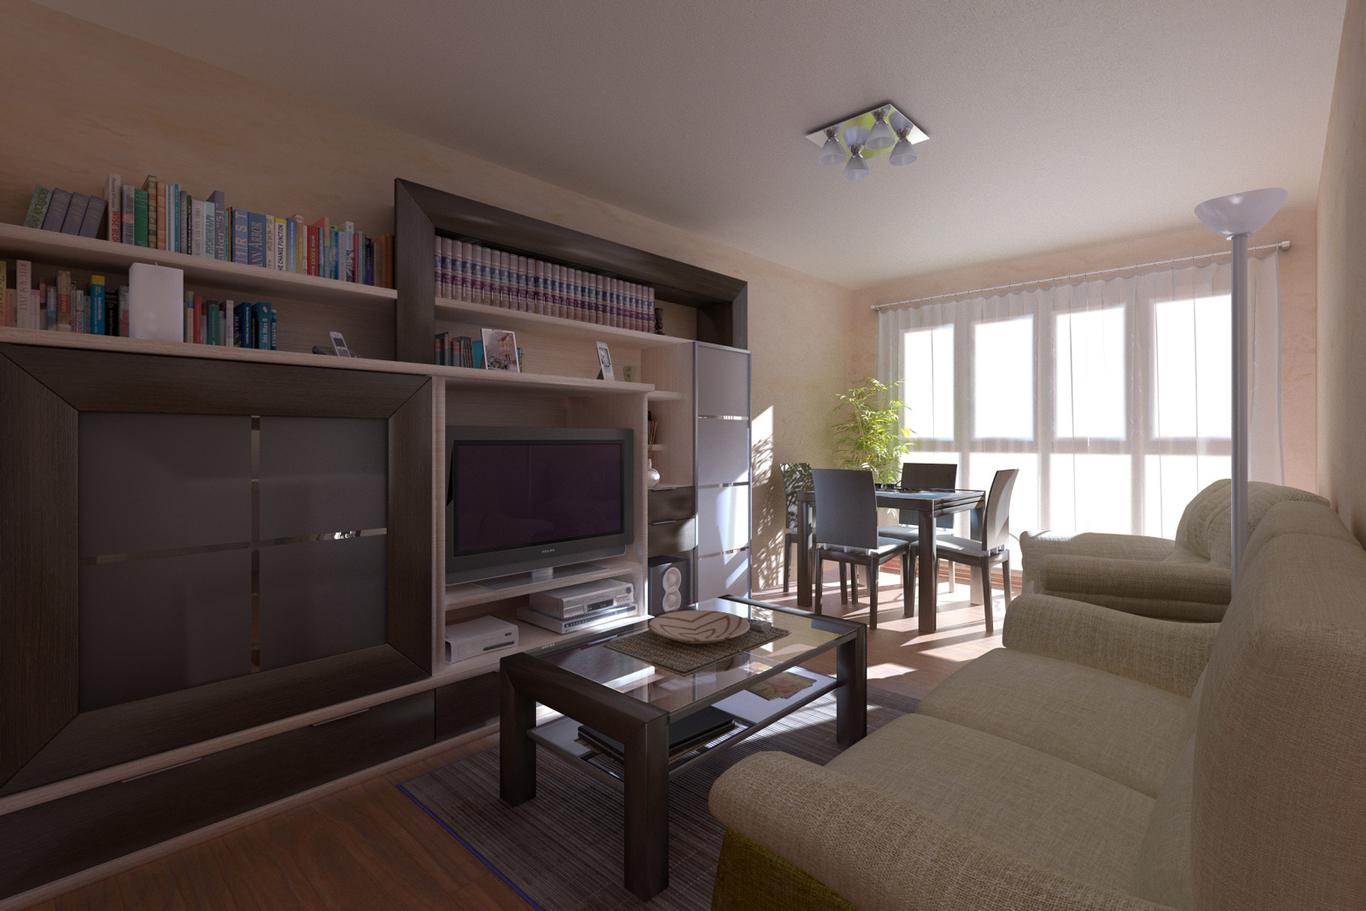 Spaik my living room 1 151874ee m2ns